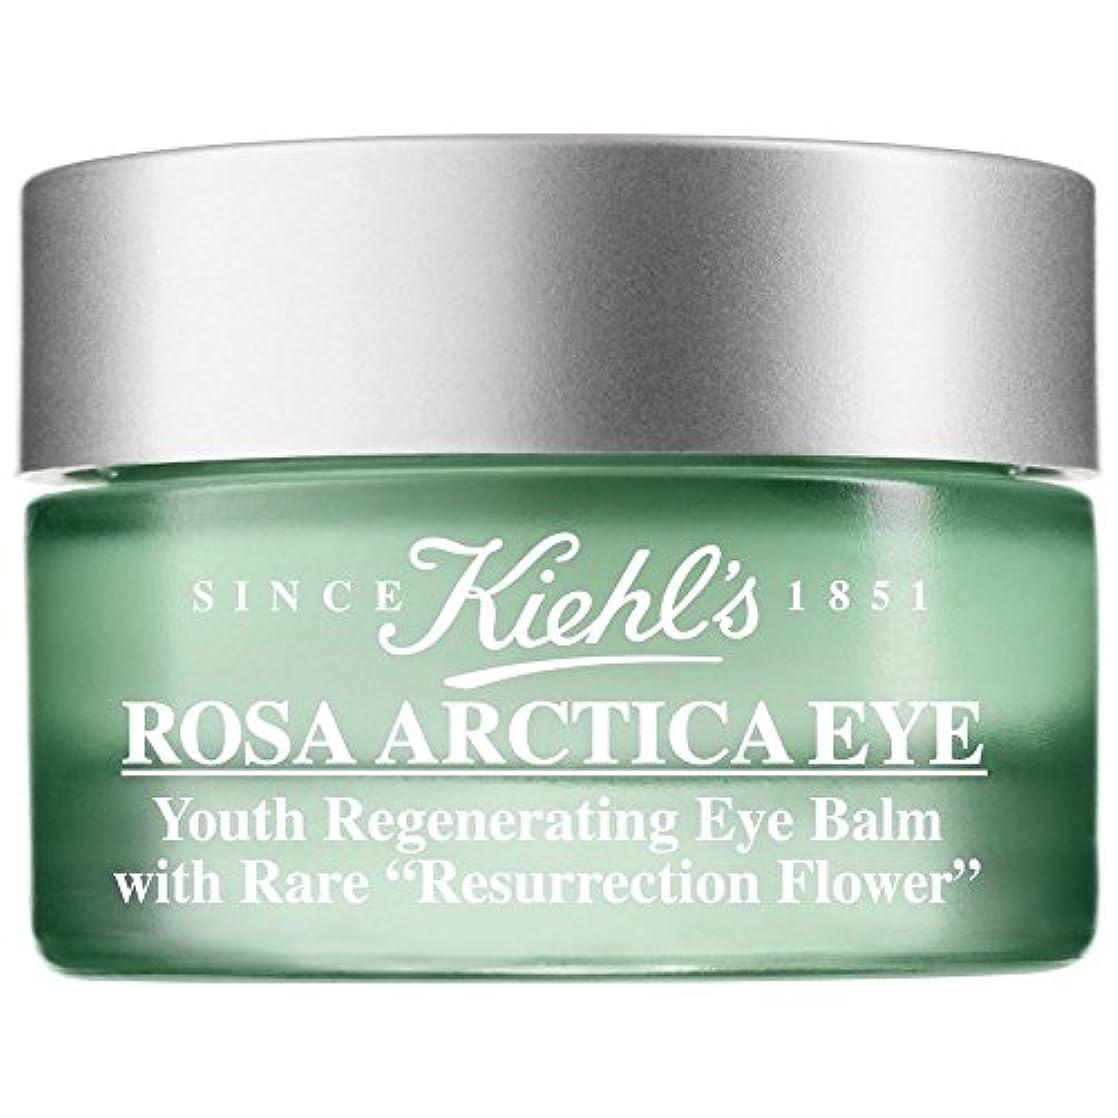 トランペット渇きアマチュア[Kiehl's] キールズローザArticaアイ14ミリリットル - Kiehl's Rosa Artica Eye 14ml [並行輸入品]